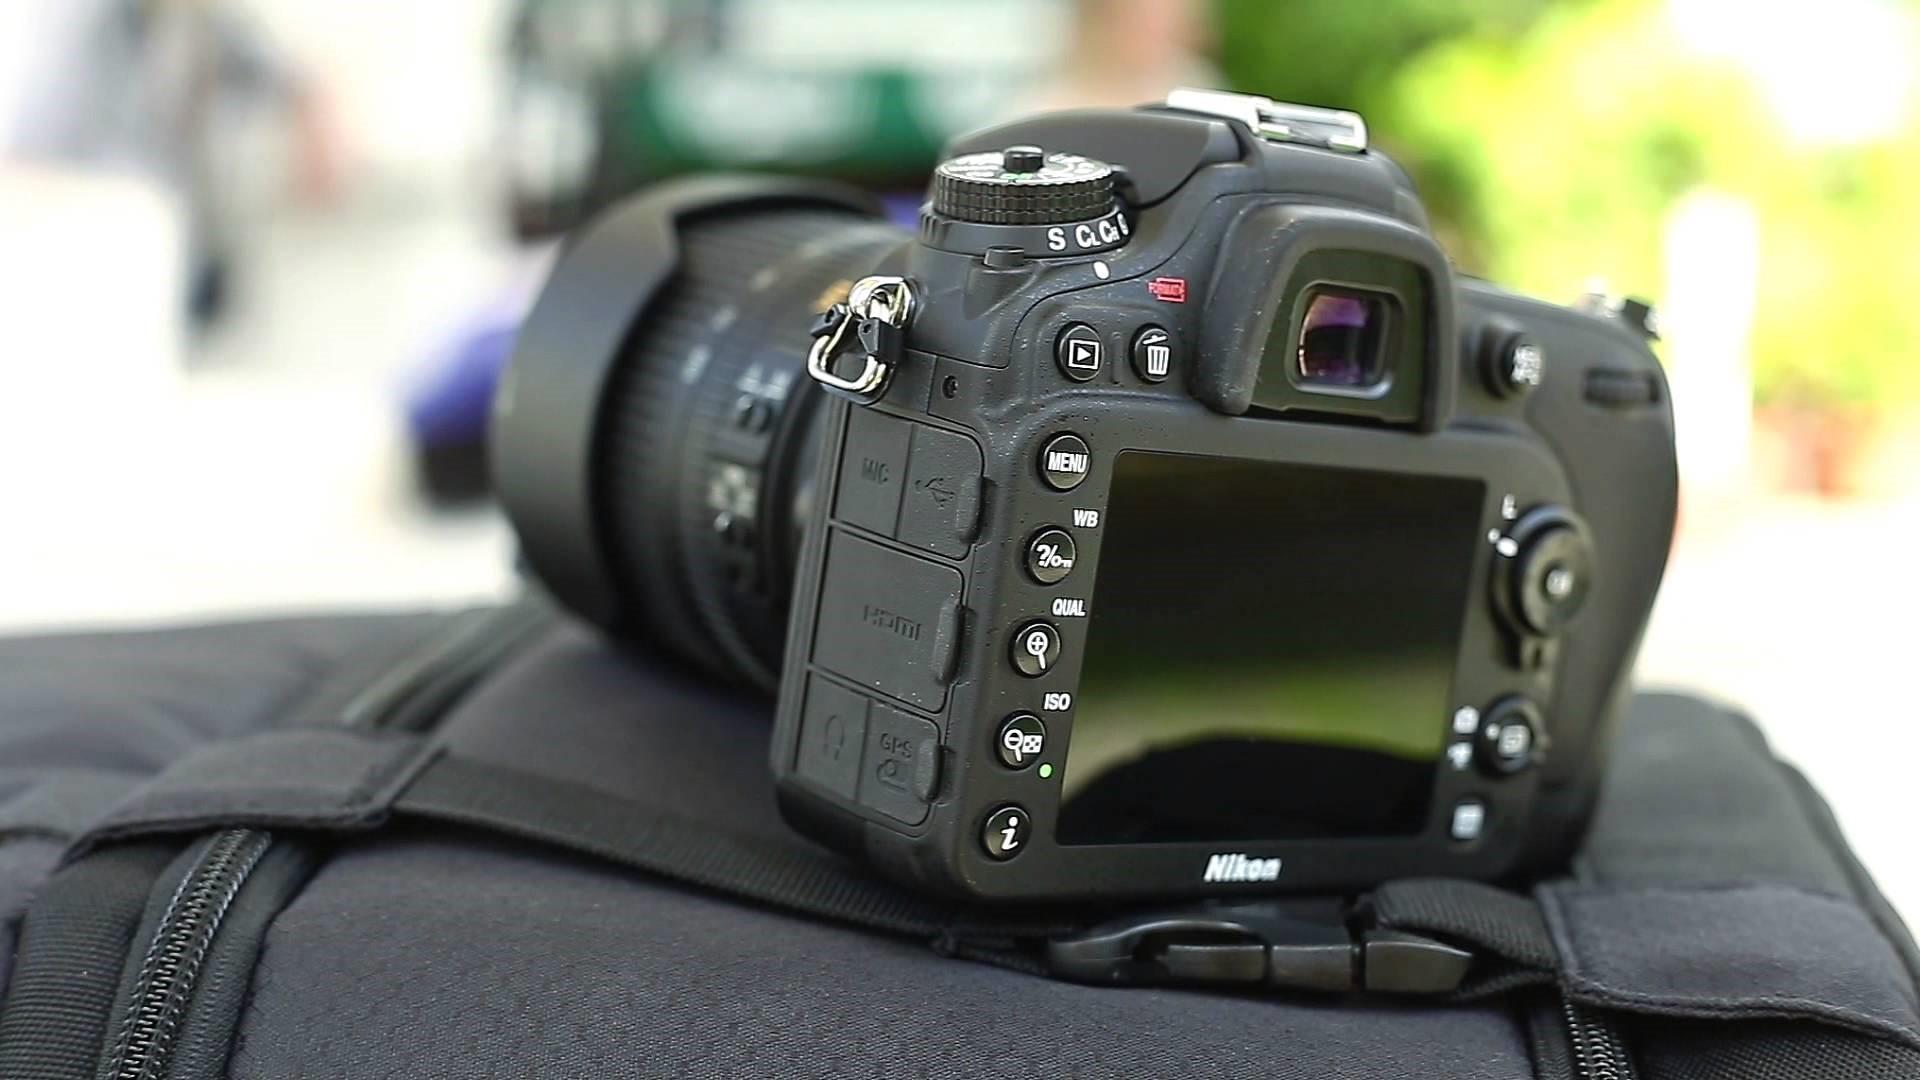 представлена двух как проверить зеркальную фотокамеру при покупке модели, производителя